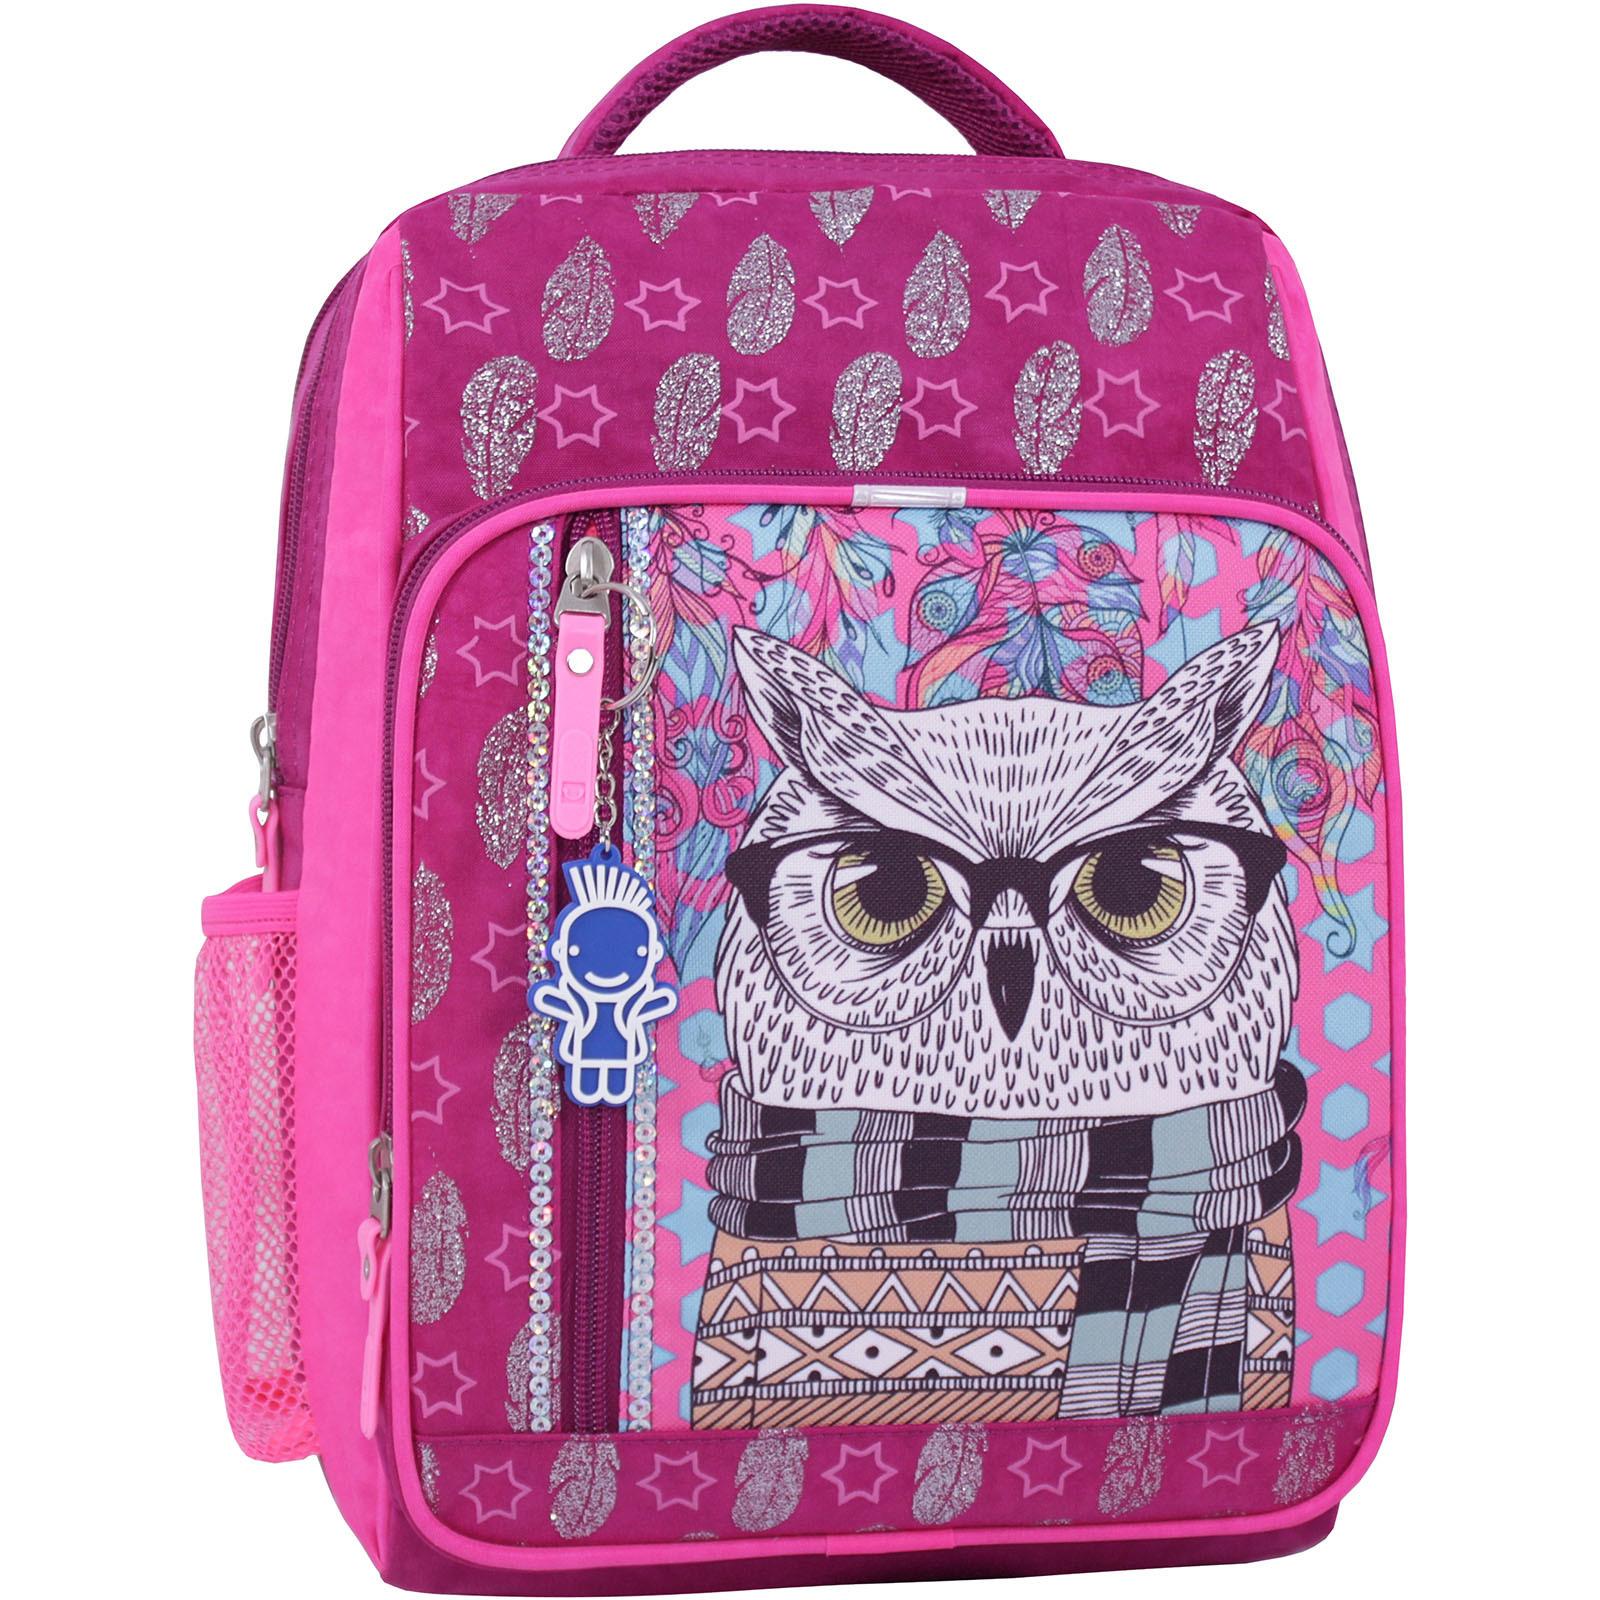 Детские рюкзаки Рюкзак школьный Bagland Школьник 8 л. 143 малиновый 514 (0012870) IMG_0739_суб.514_.JPG